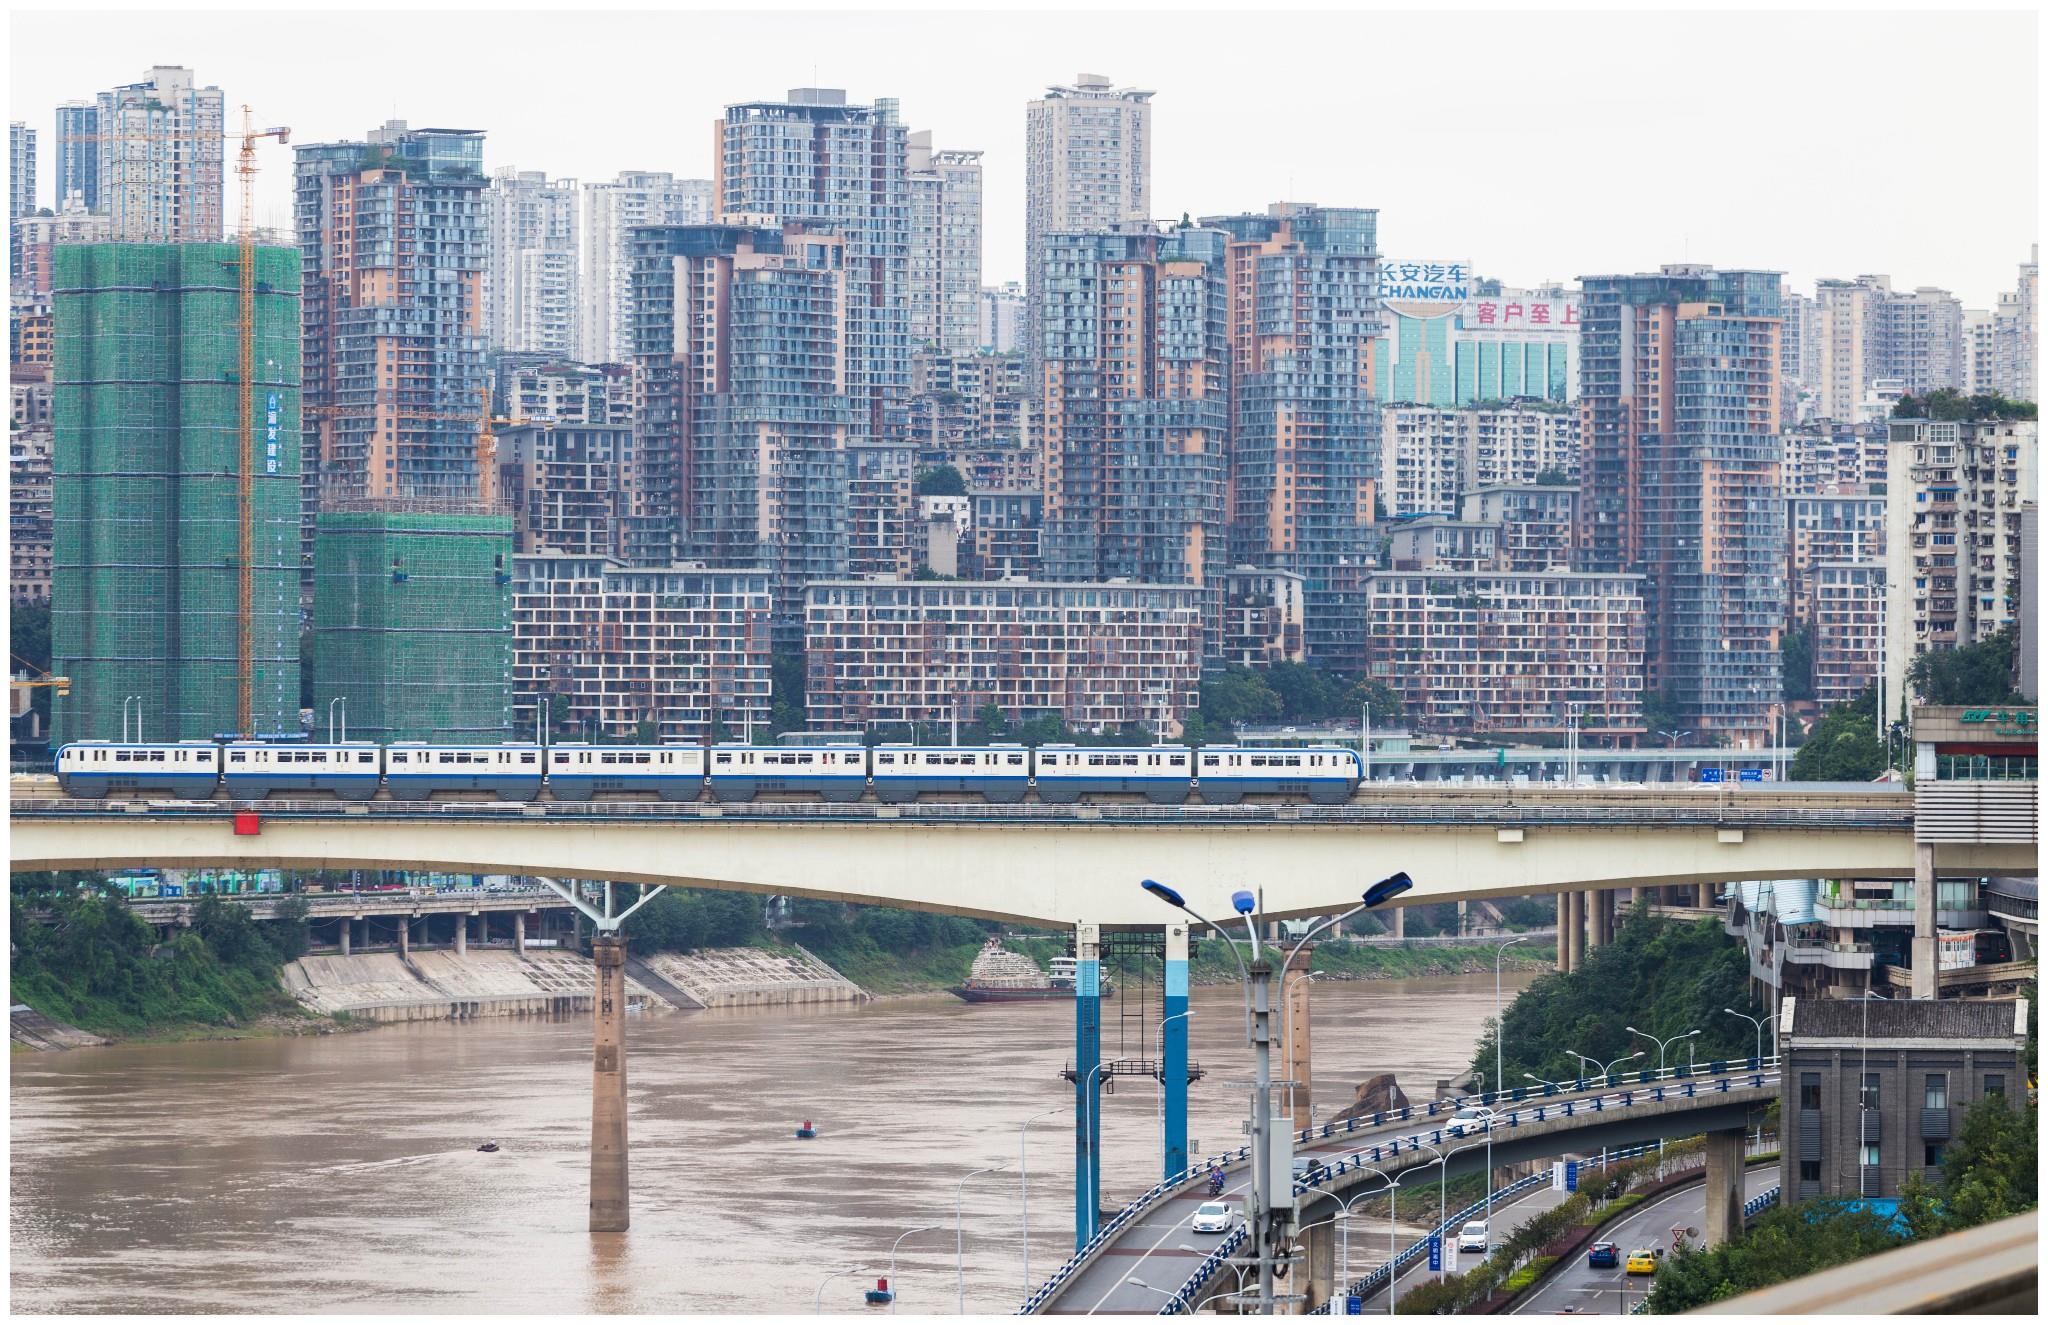 15个新一线城市潜力排名,成都高居第一,南京第八,合肥第十四